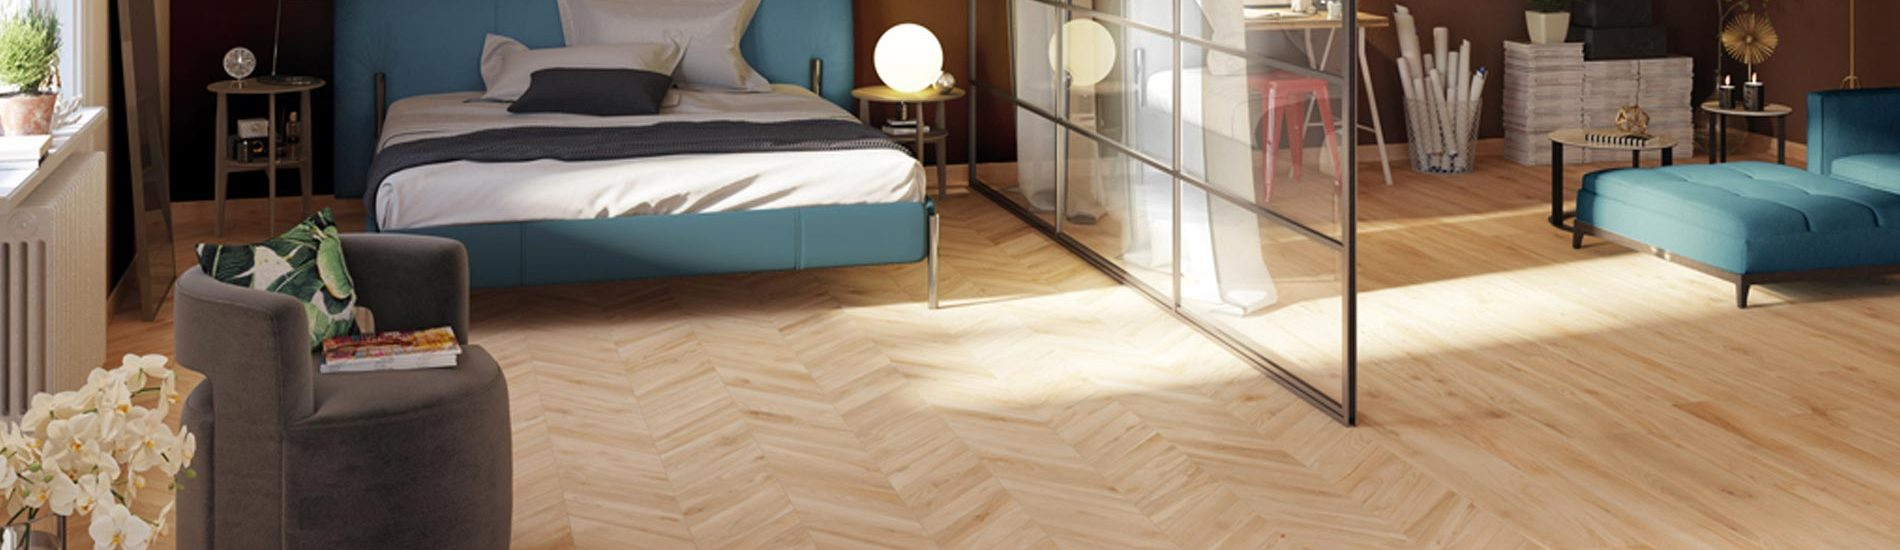 banner-woodie-wood-look-tile-ceramica-rondine